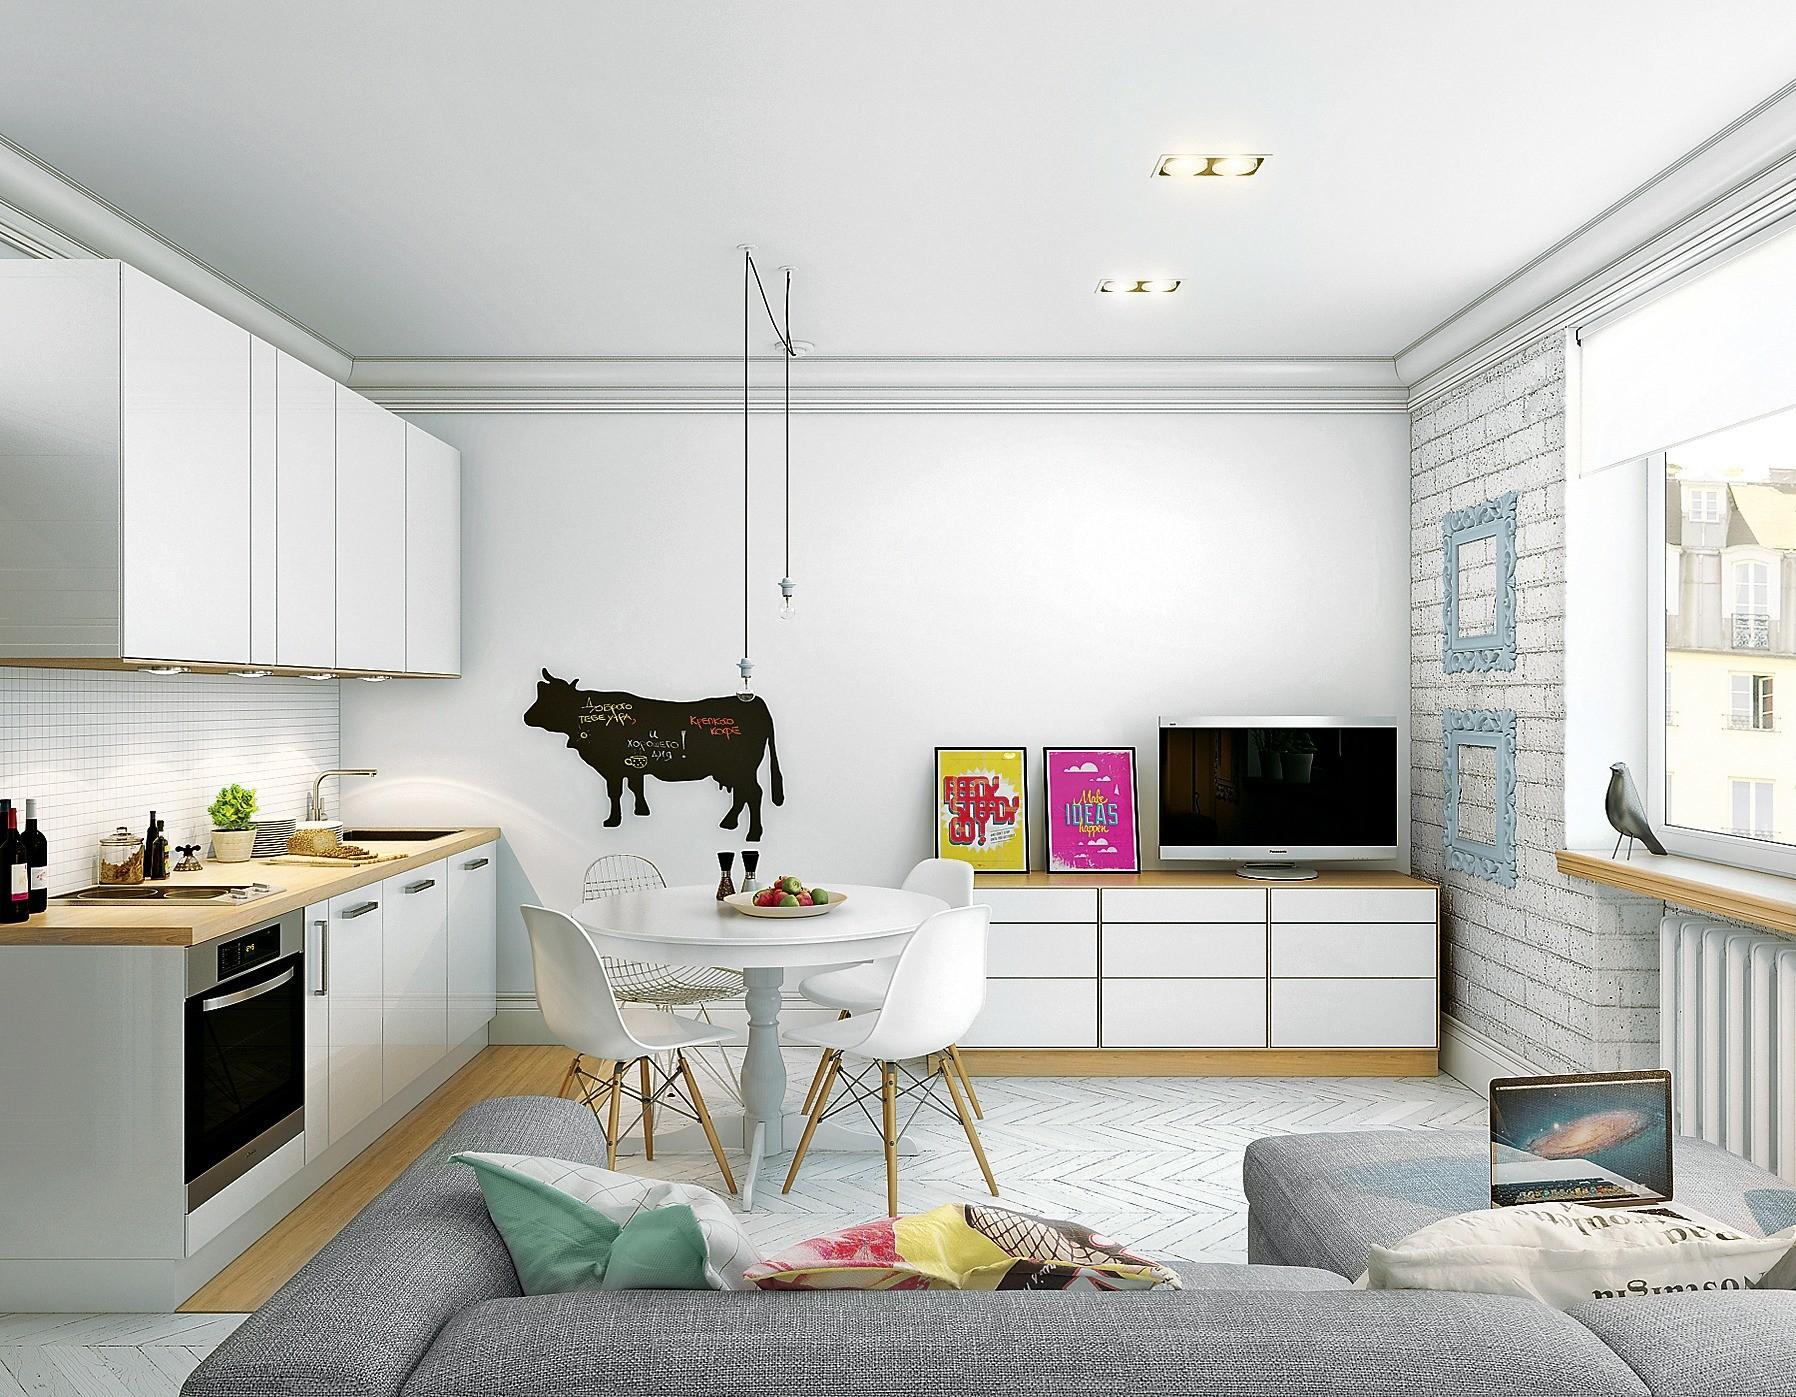 Ничего лишнего: бюджетный дизайн студии в скандинавском стиле